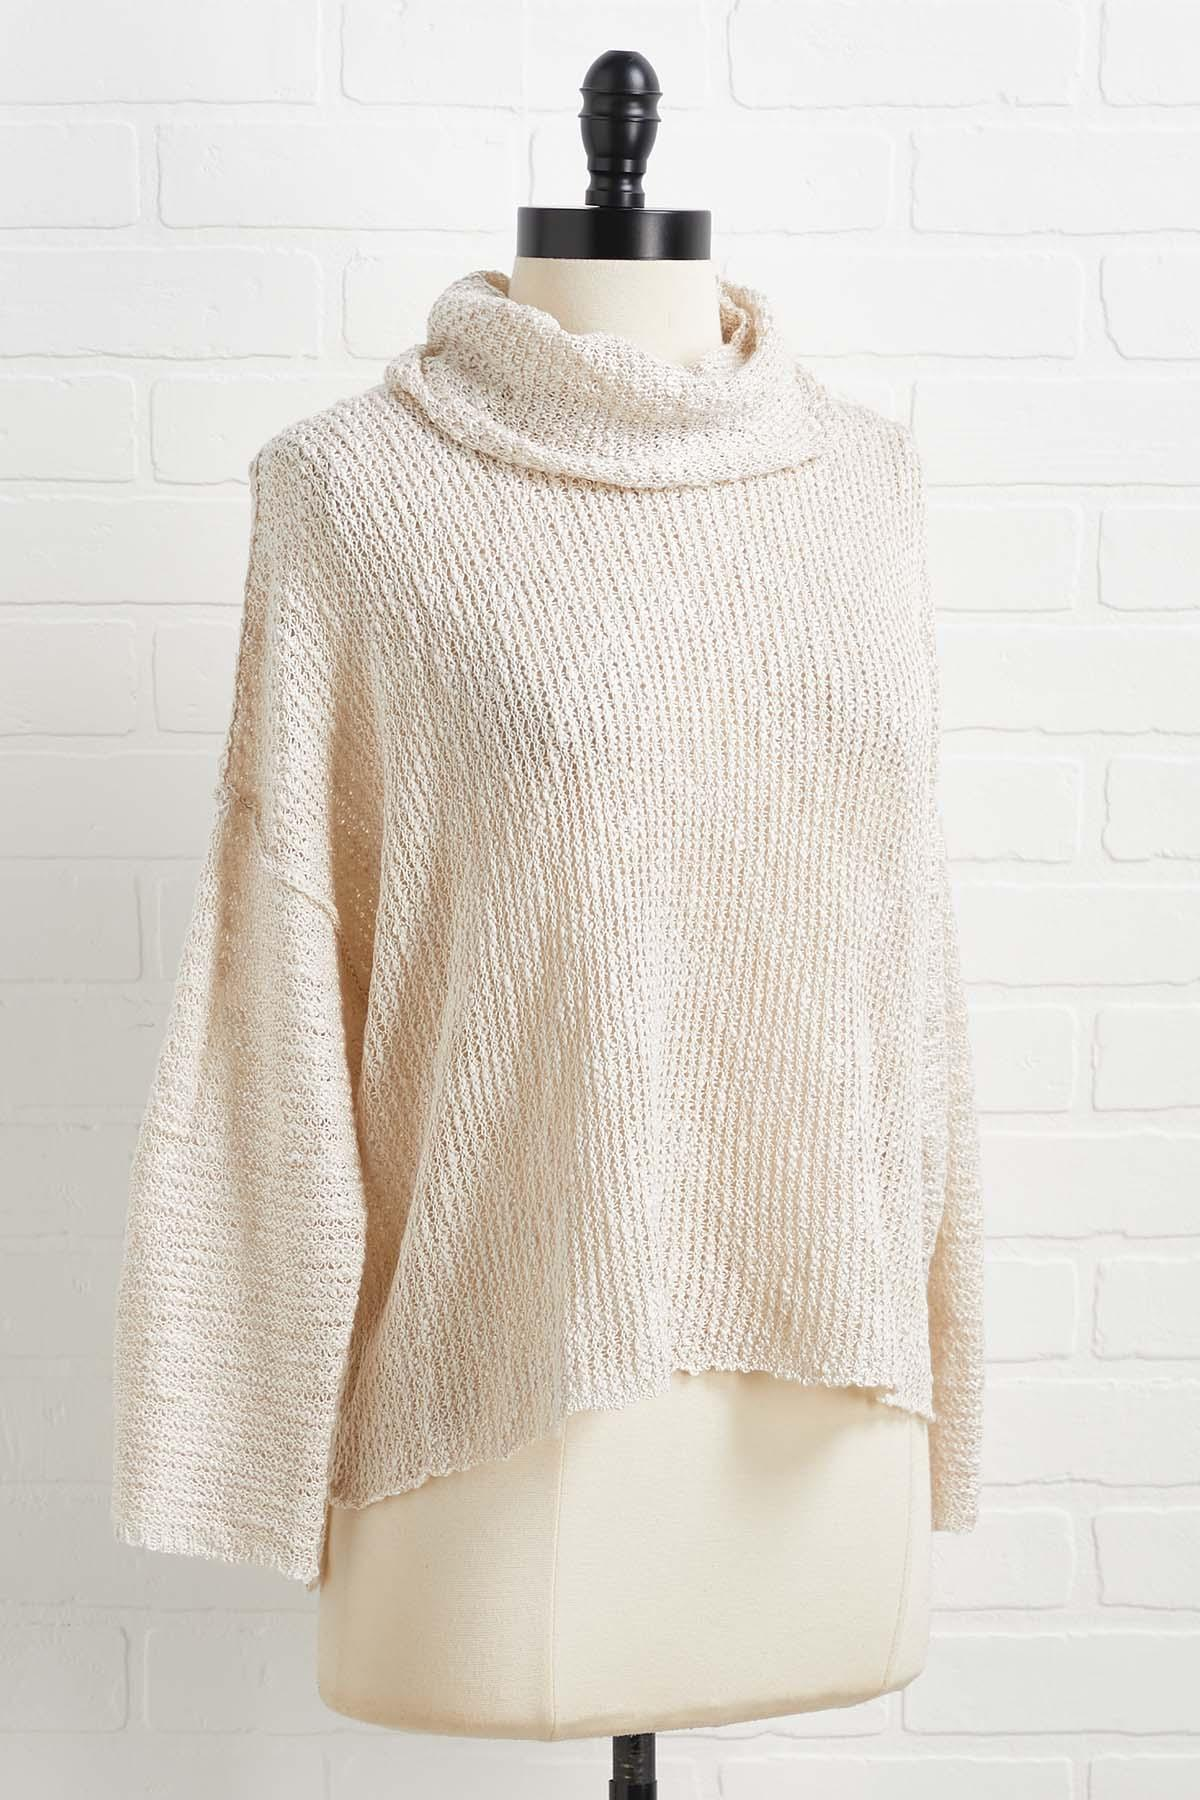 Blank Slate Sweater